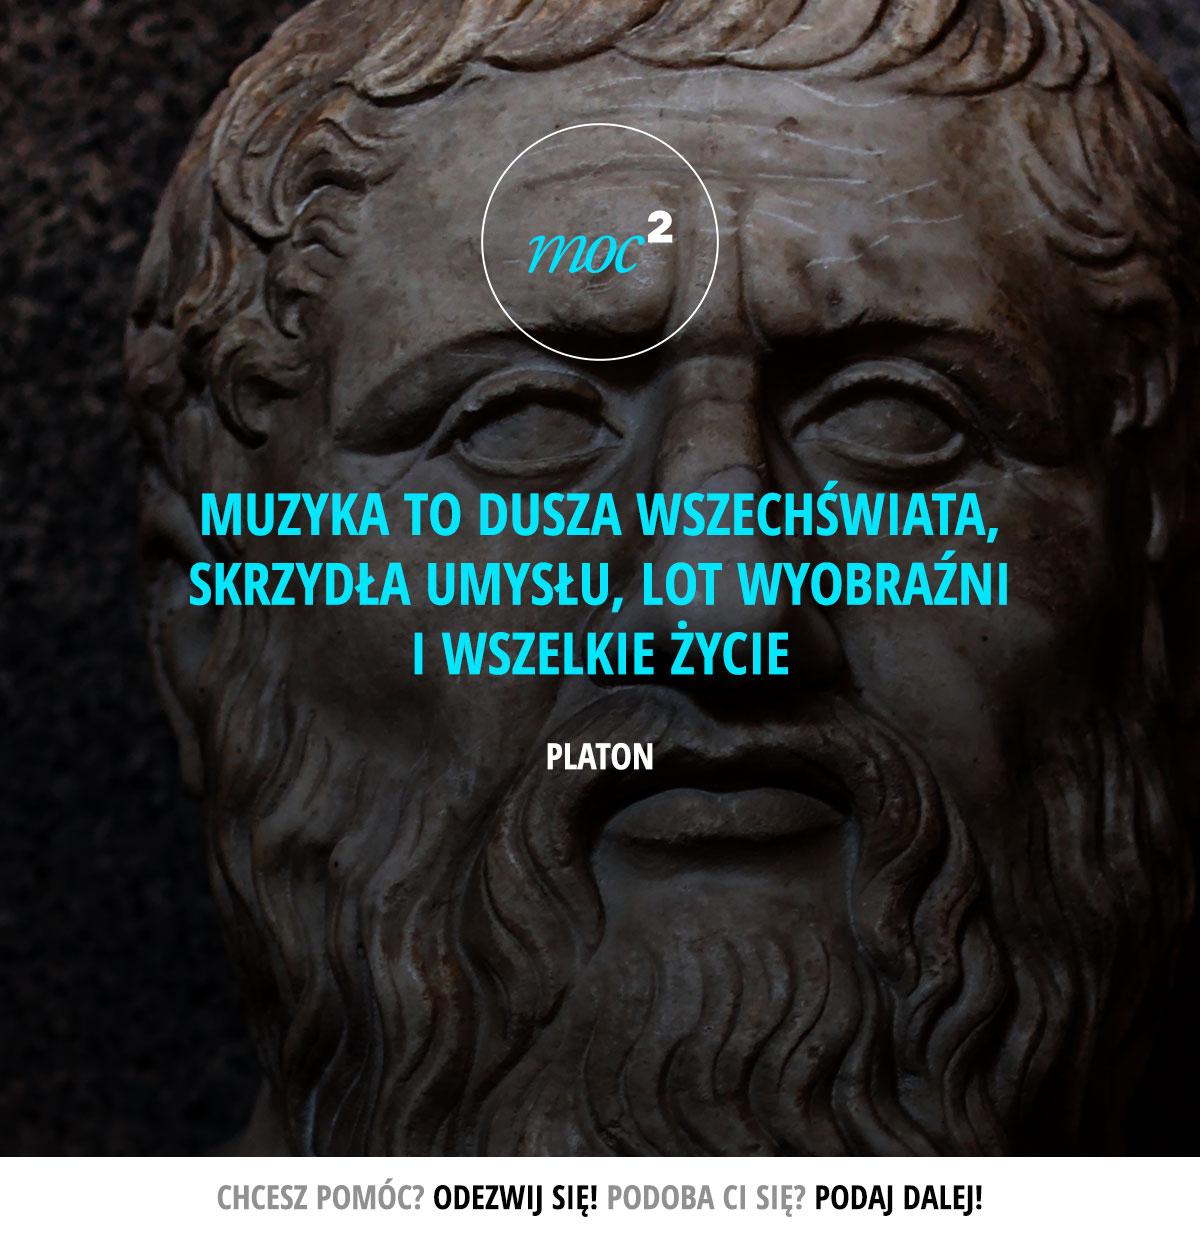 Muzyka to dusza wszechświata, skrzydła umysłu, lot wyobraźni i wszelkie życie. - Platon